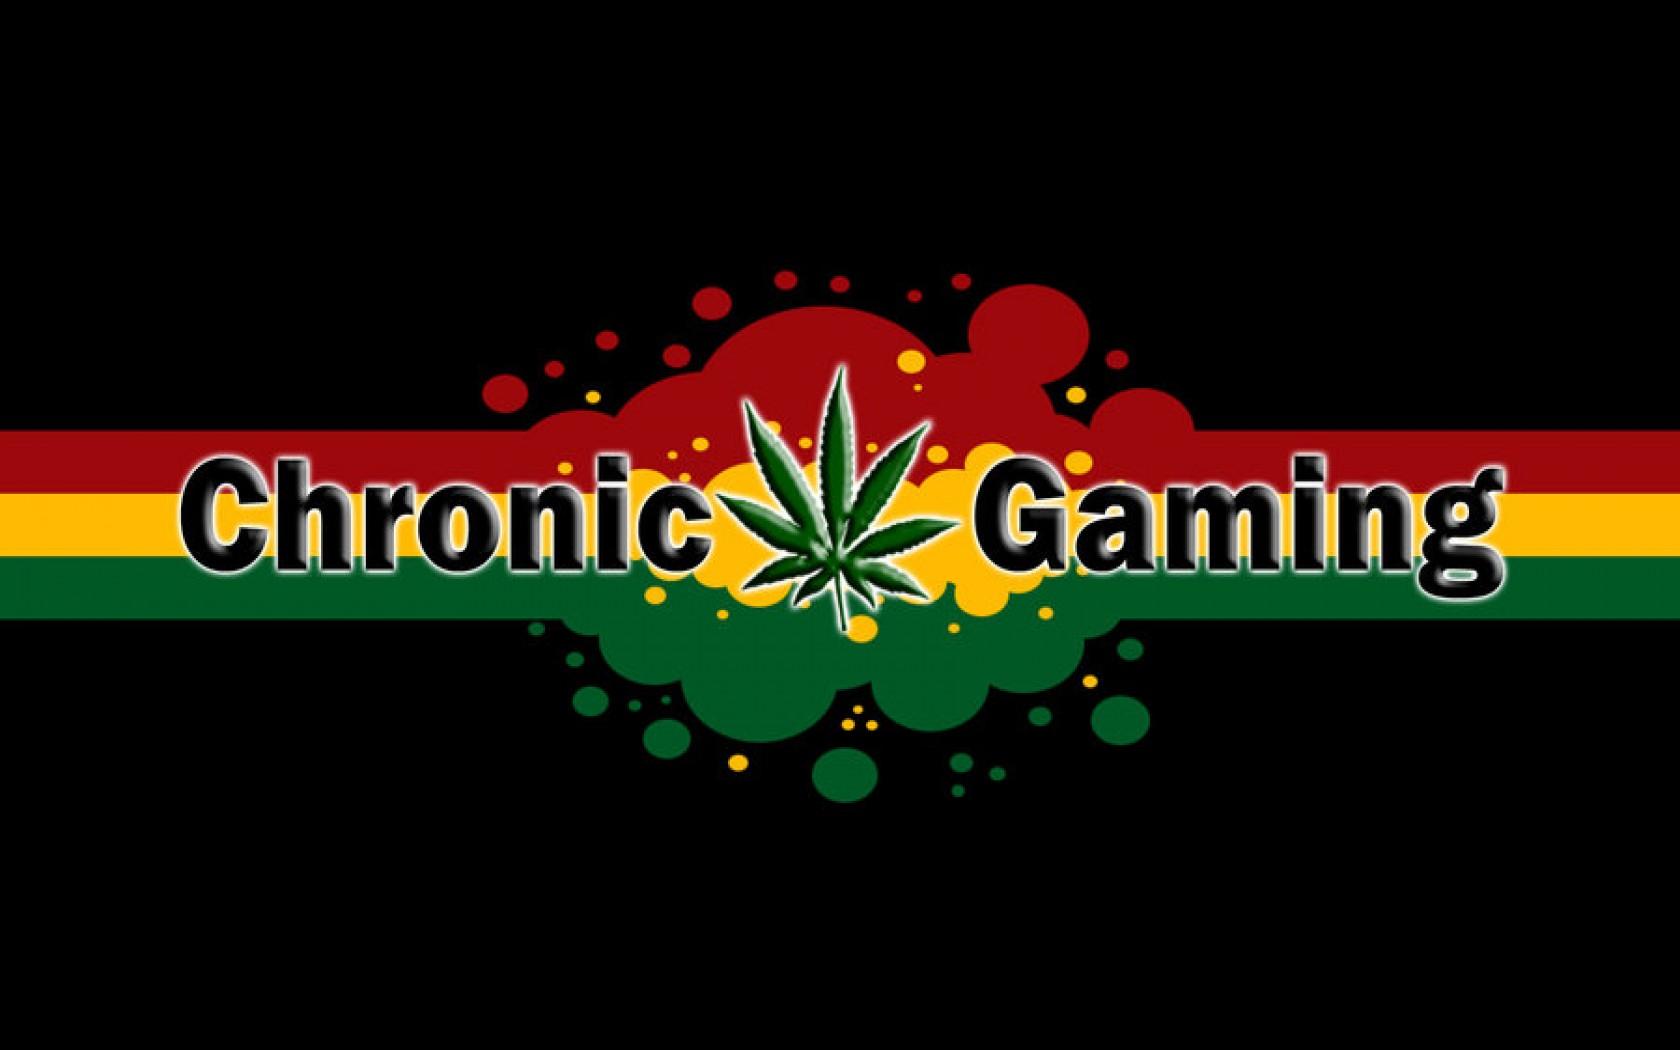 Lit Quotes Wallpaper Marijuana Weed 420 Ganja Game Videogame F Wallpaper